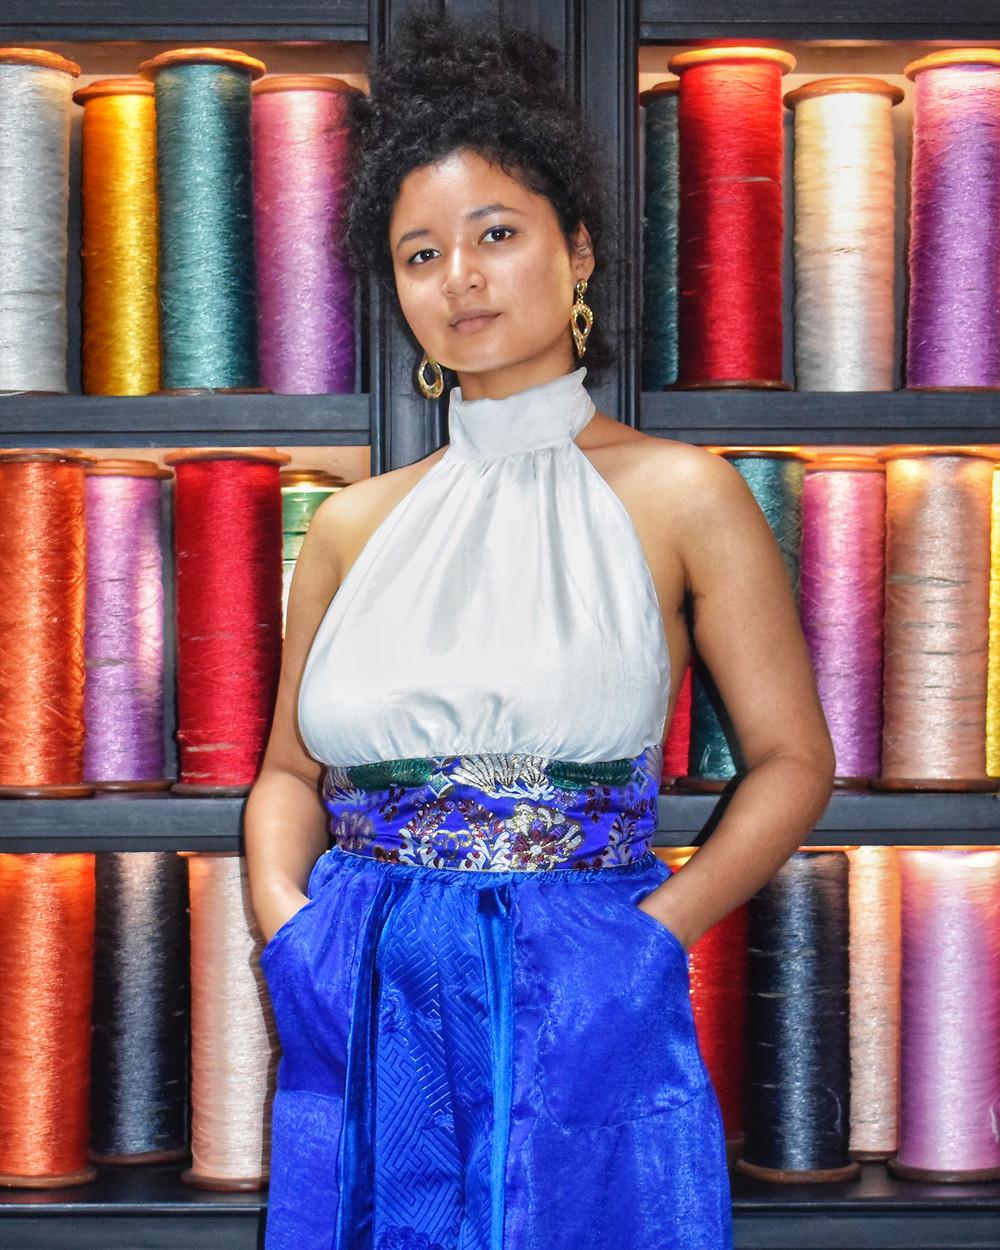 fashion designer seamstress sew thread colorful